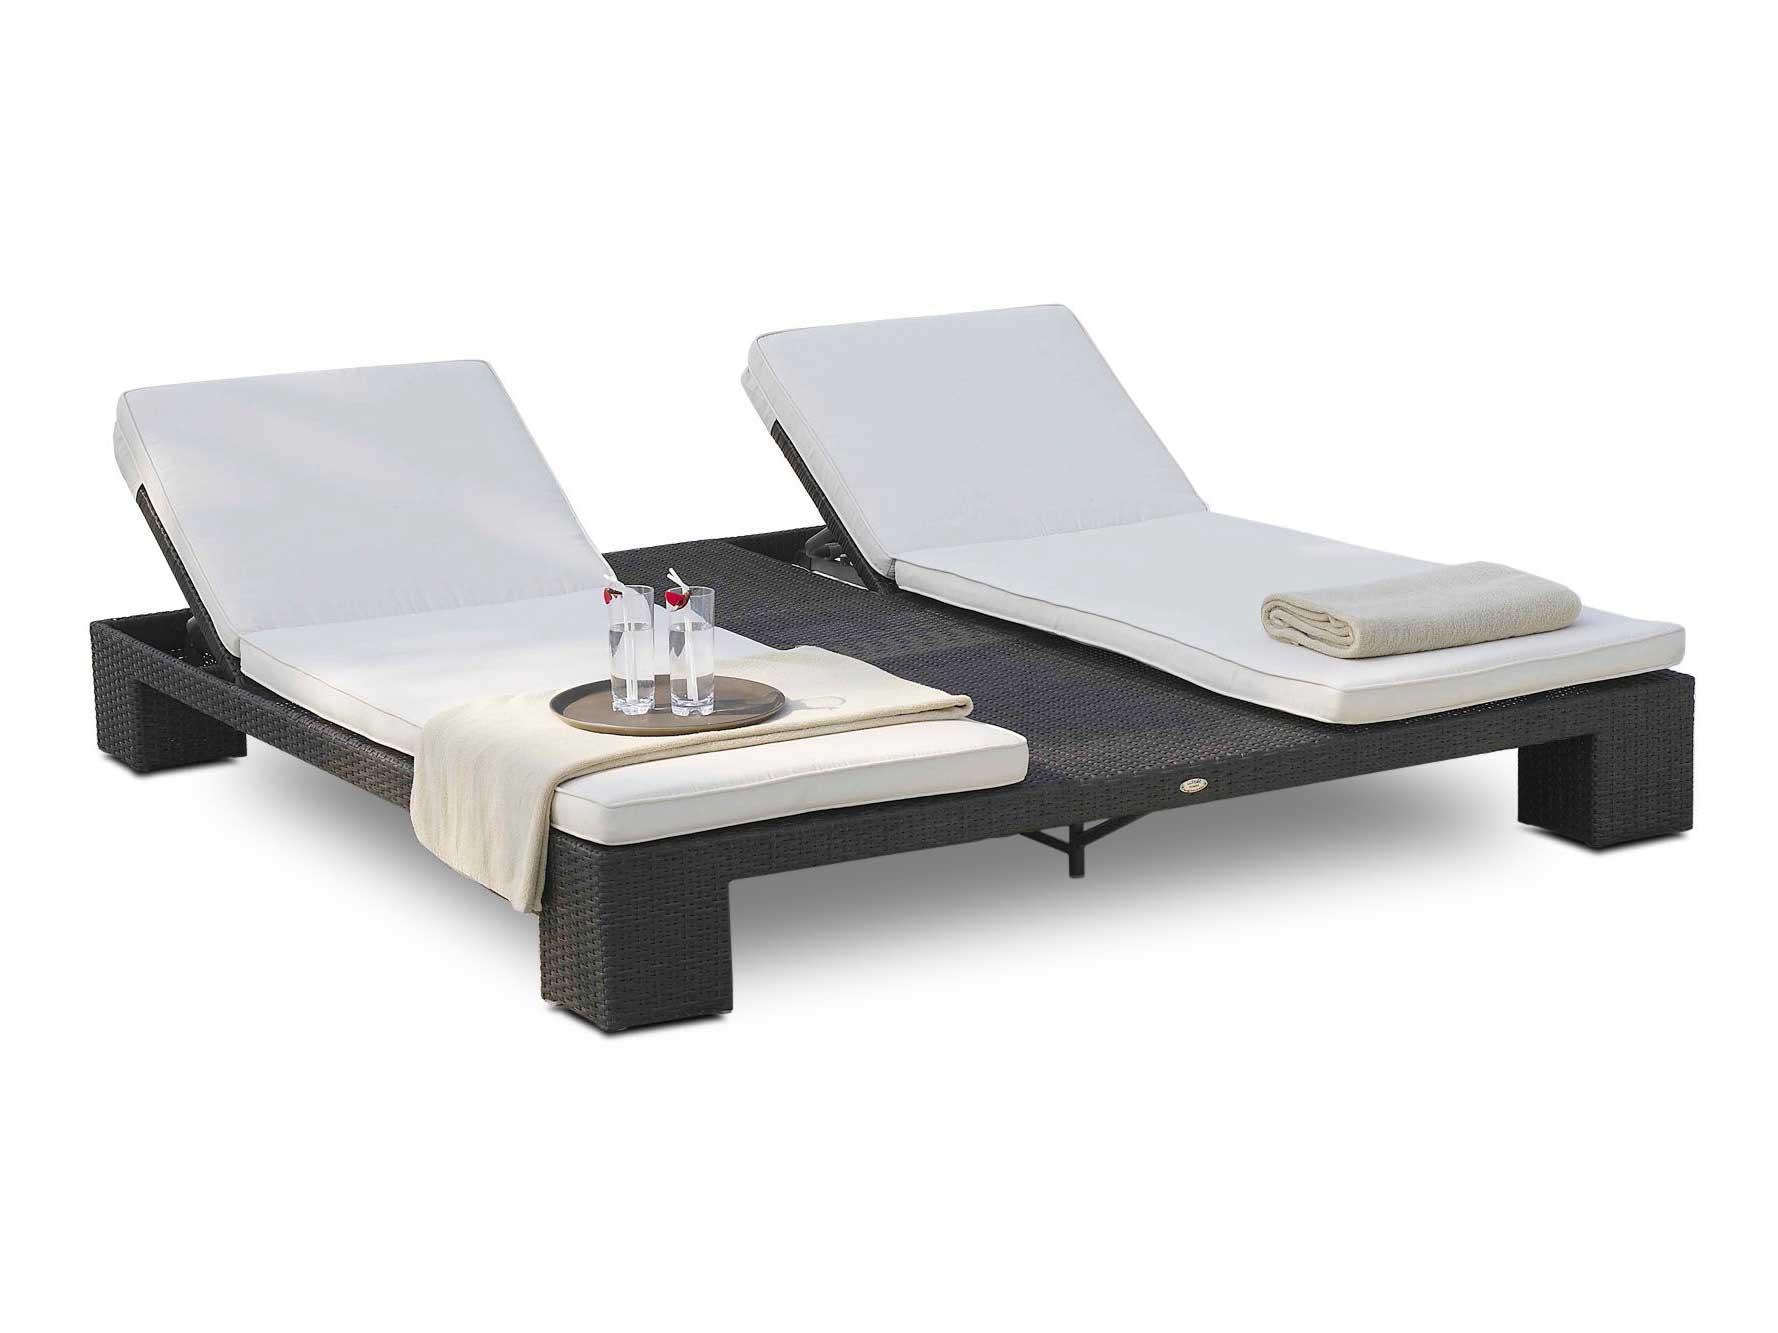 Double Bain De Soleil De Jardin Relaxation Sunny De Lusso